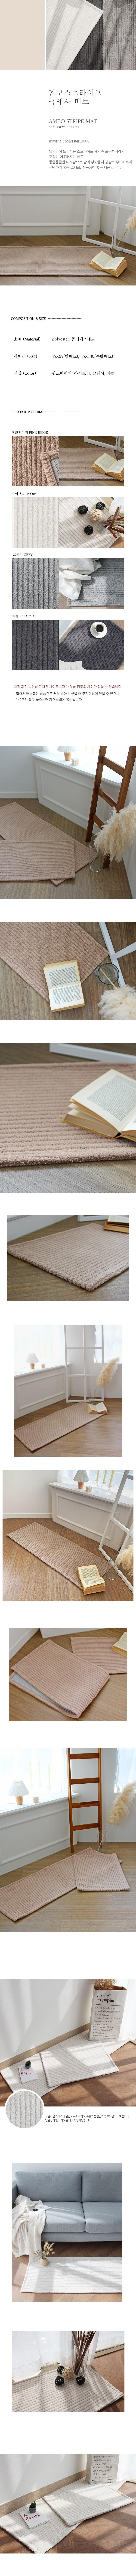 엠보 스트라이프 단모 극세사 주방매트 - 4color - 더프리그, 19,880원, 디자인 발매트, 패턴